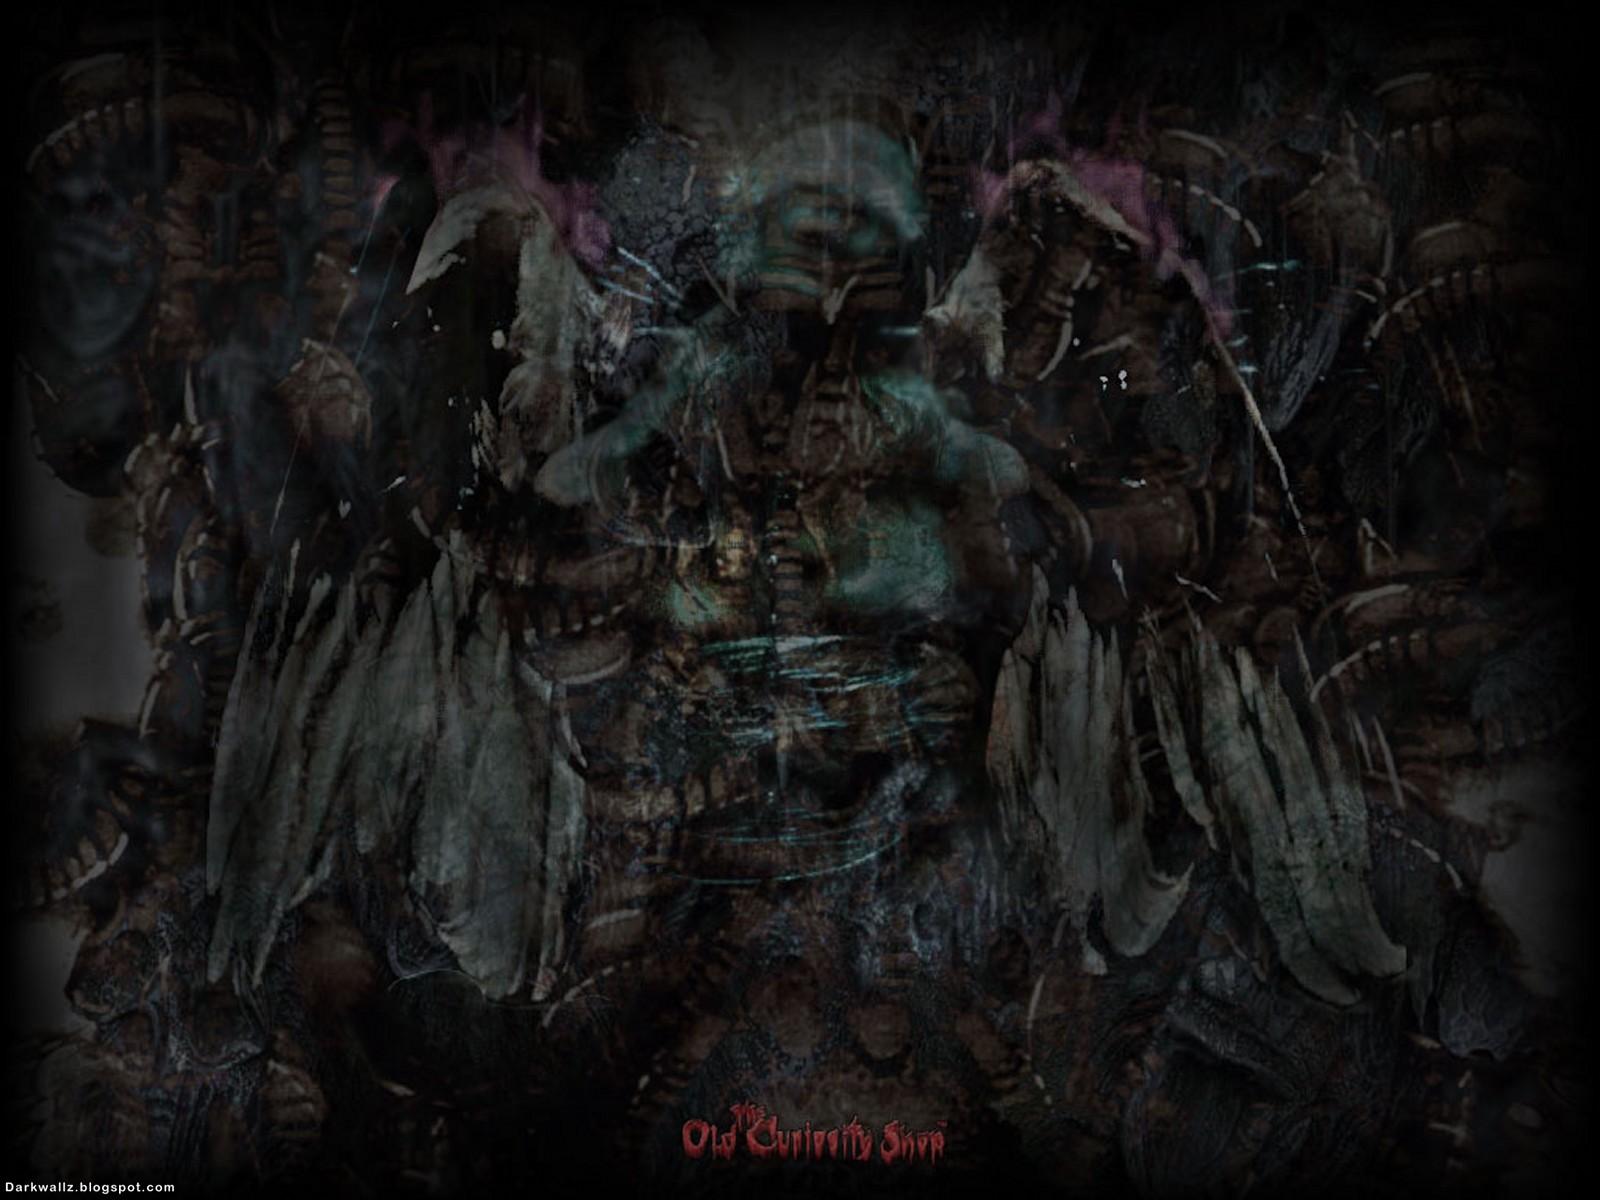 http://2.bp.blogspot.com/_-jo2ZCYhKaY/S62hl2zzDsI/AAAAAAAAHP0/C8WLXDSGdp4/s1600/Dark_Angel_Wallpapers_51%20(darkwallz.blogspot.com).jpg